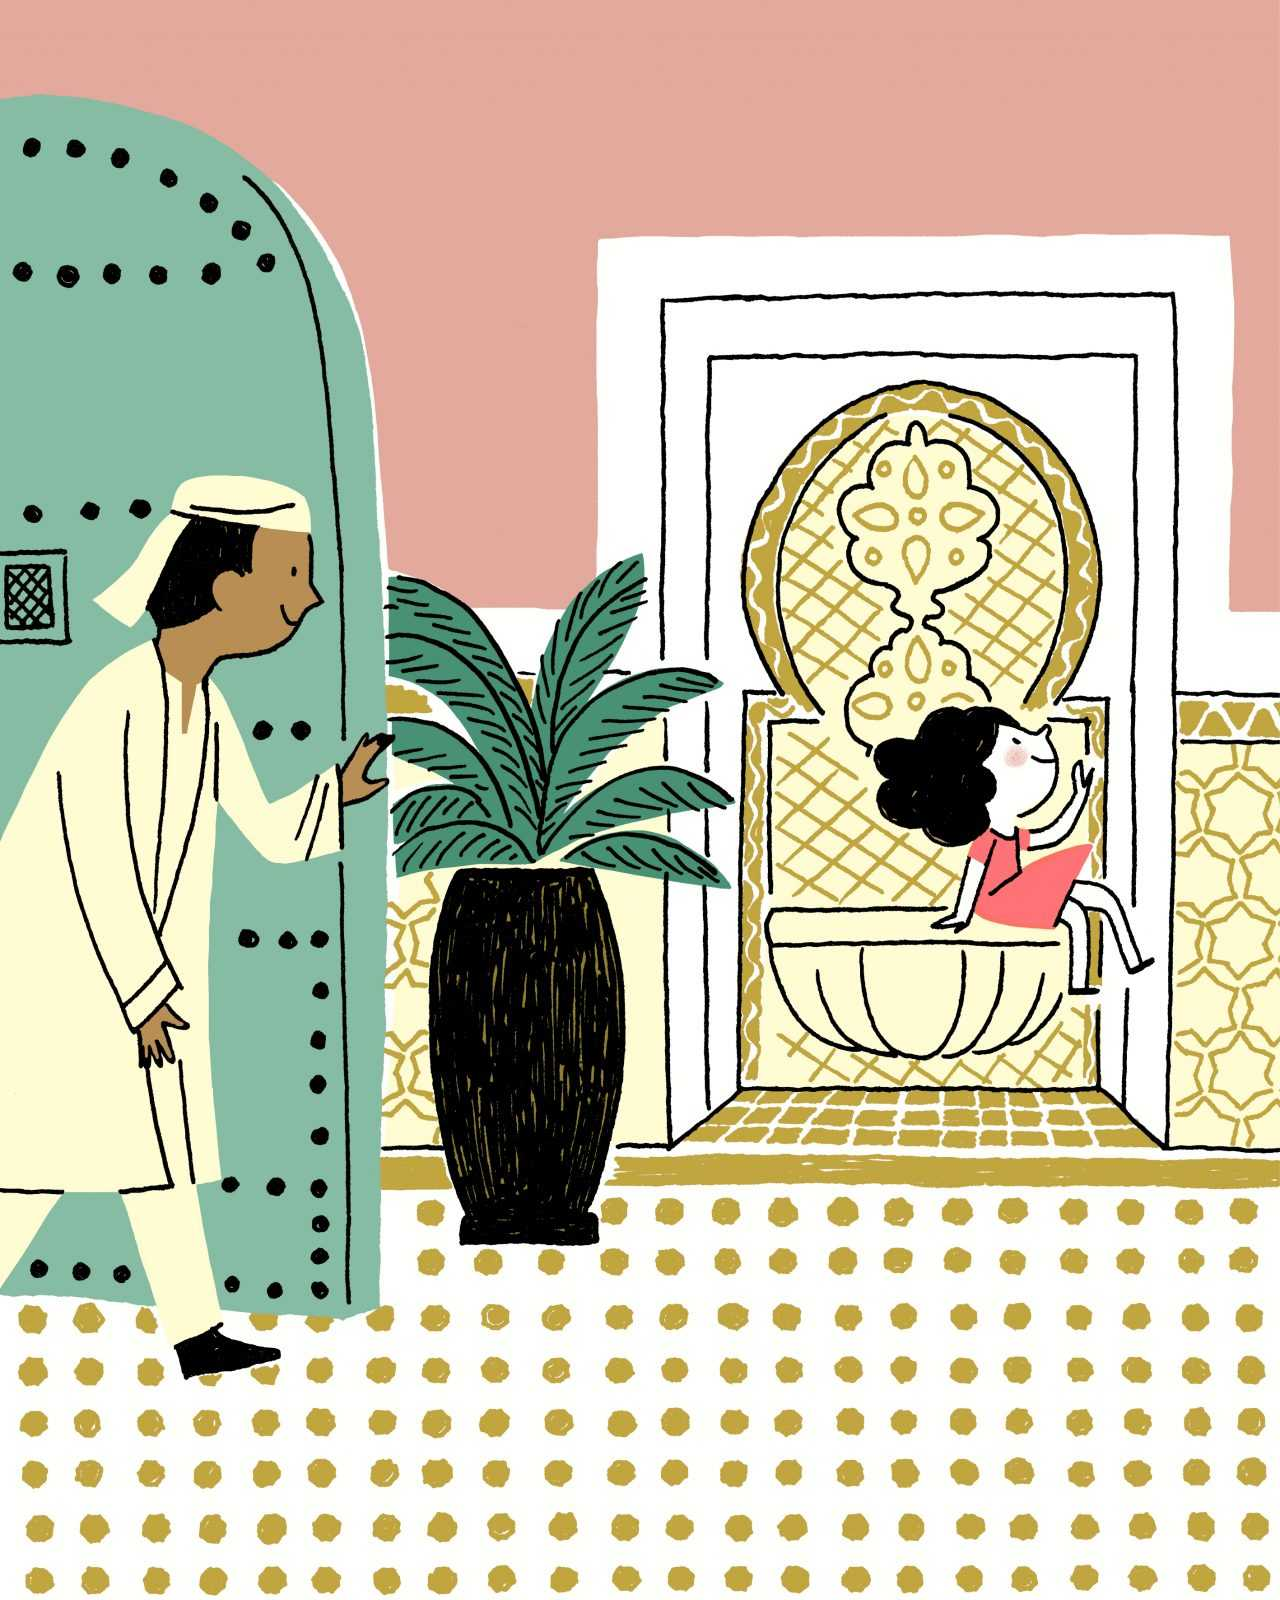 Un conte pour enfants signé Royal Mansour